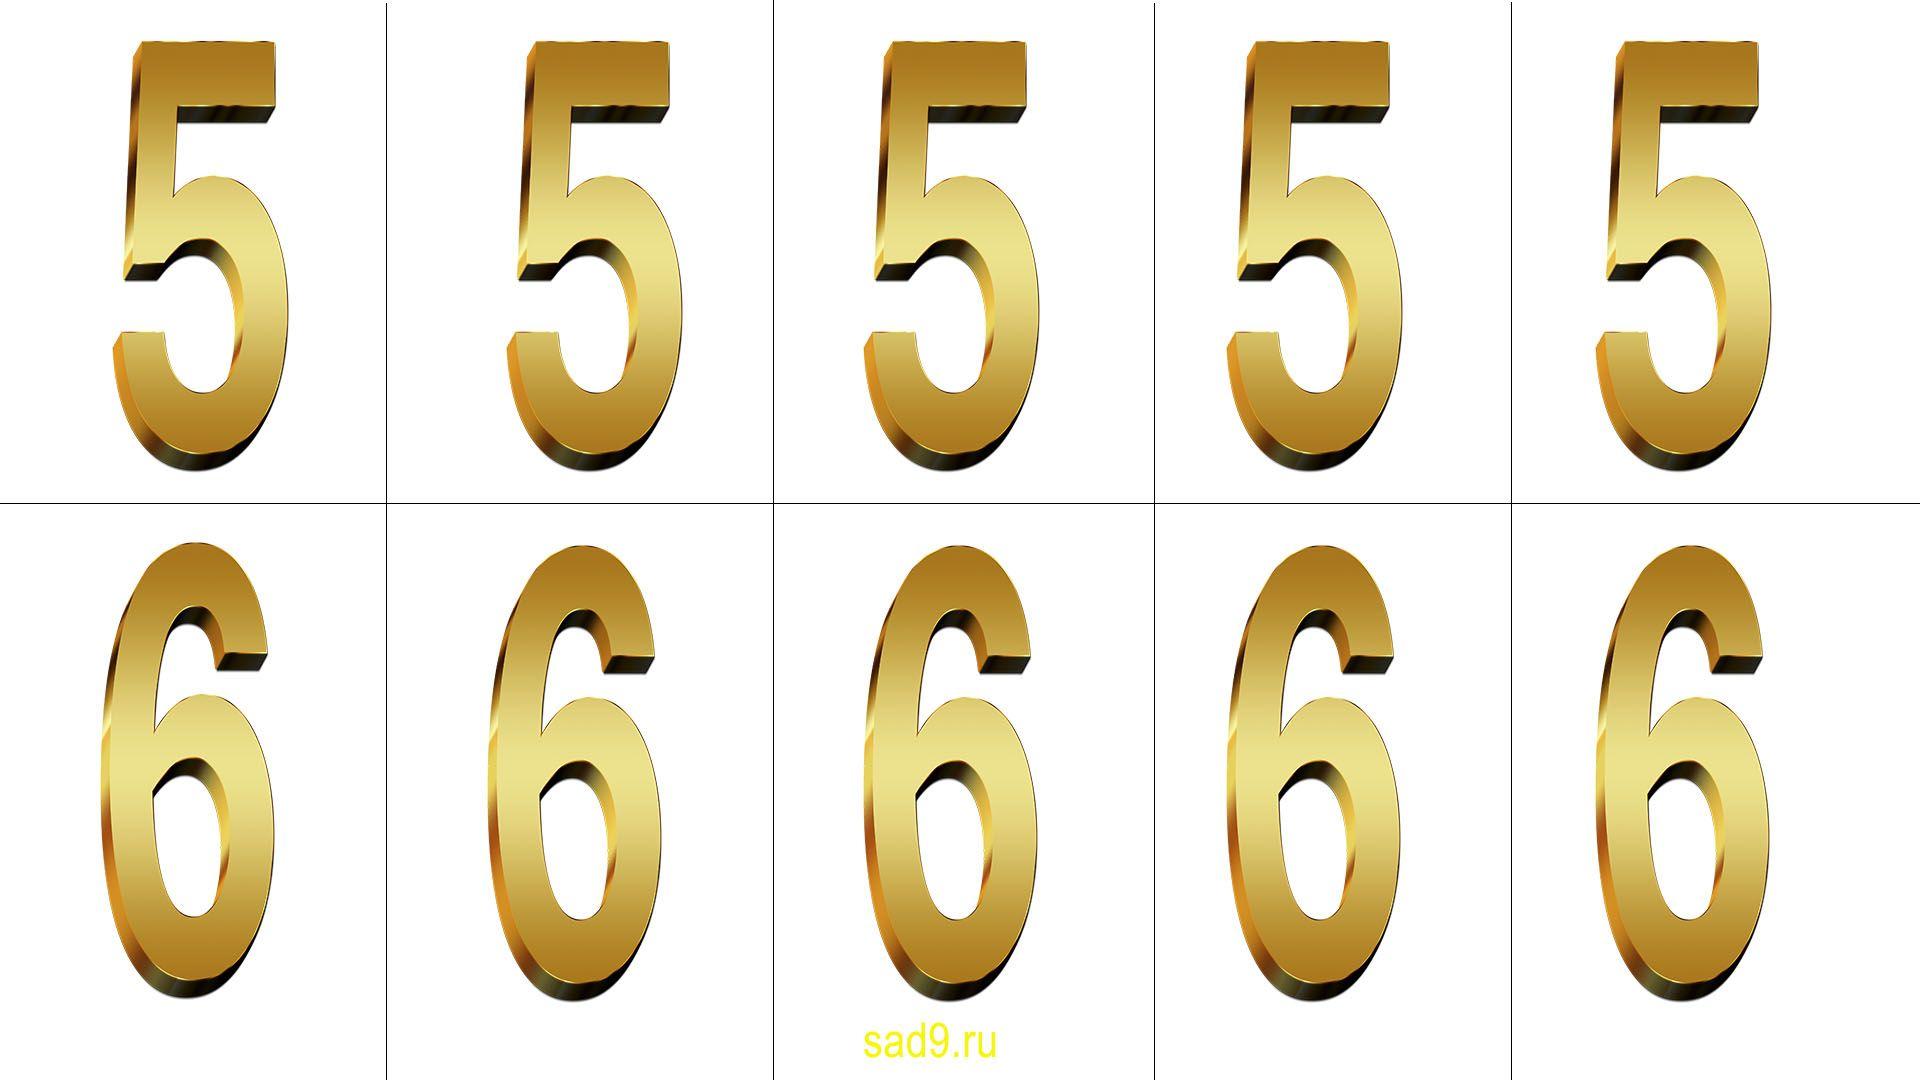 Дидактический материал - цифры для дошкольников